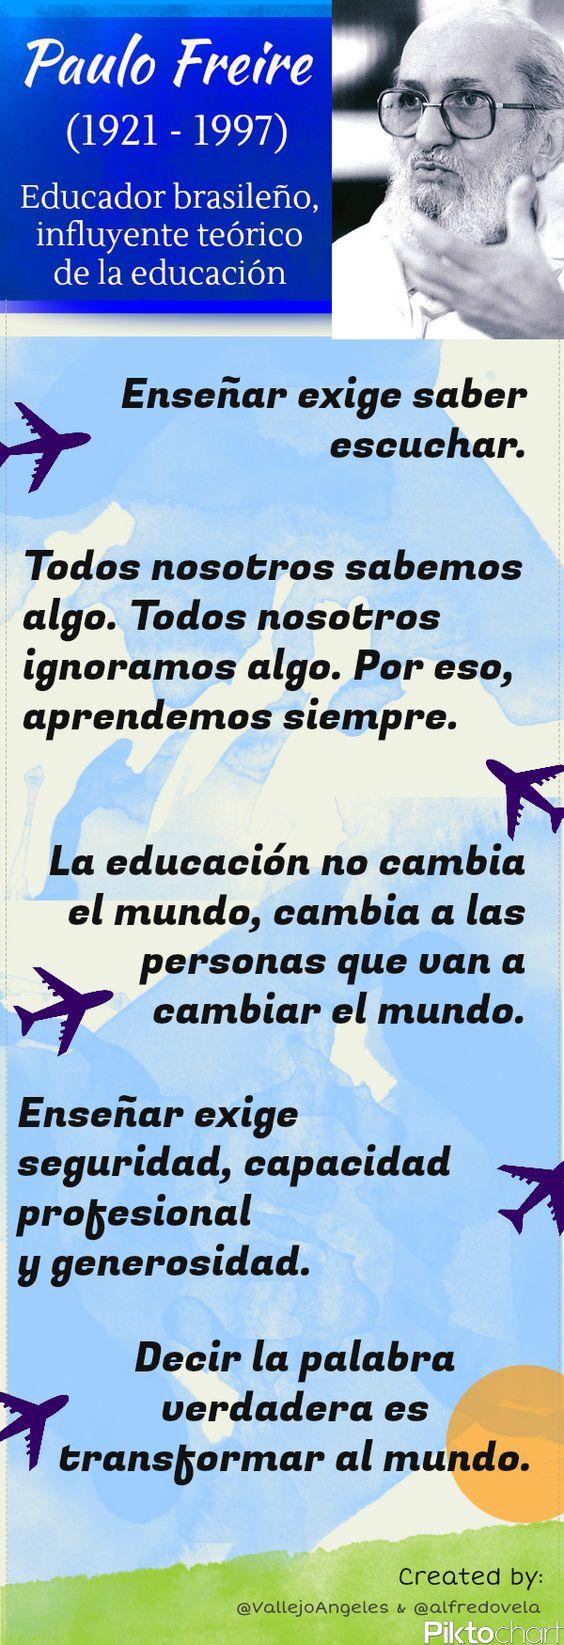 Frases célebres de Paulo Freire sobre educación #infografia #infographic #citas #quotes education | TICs y Formación